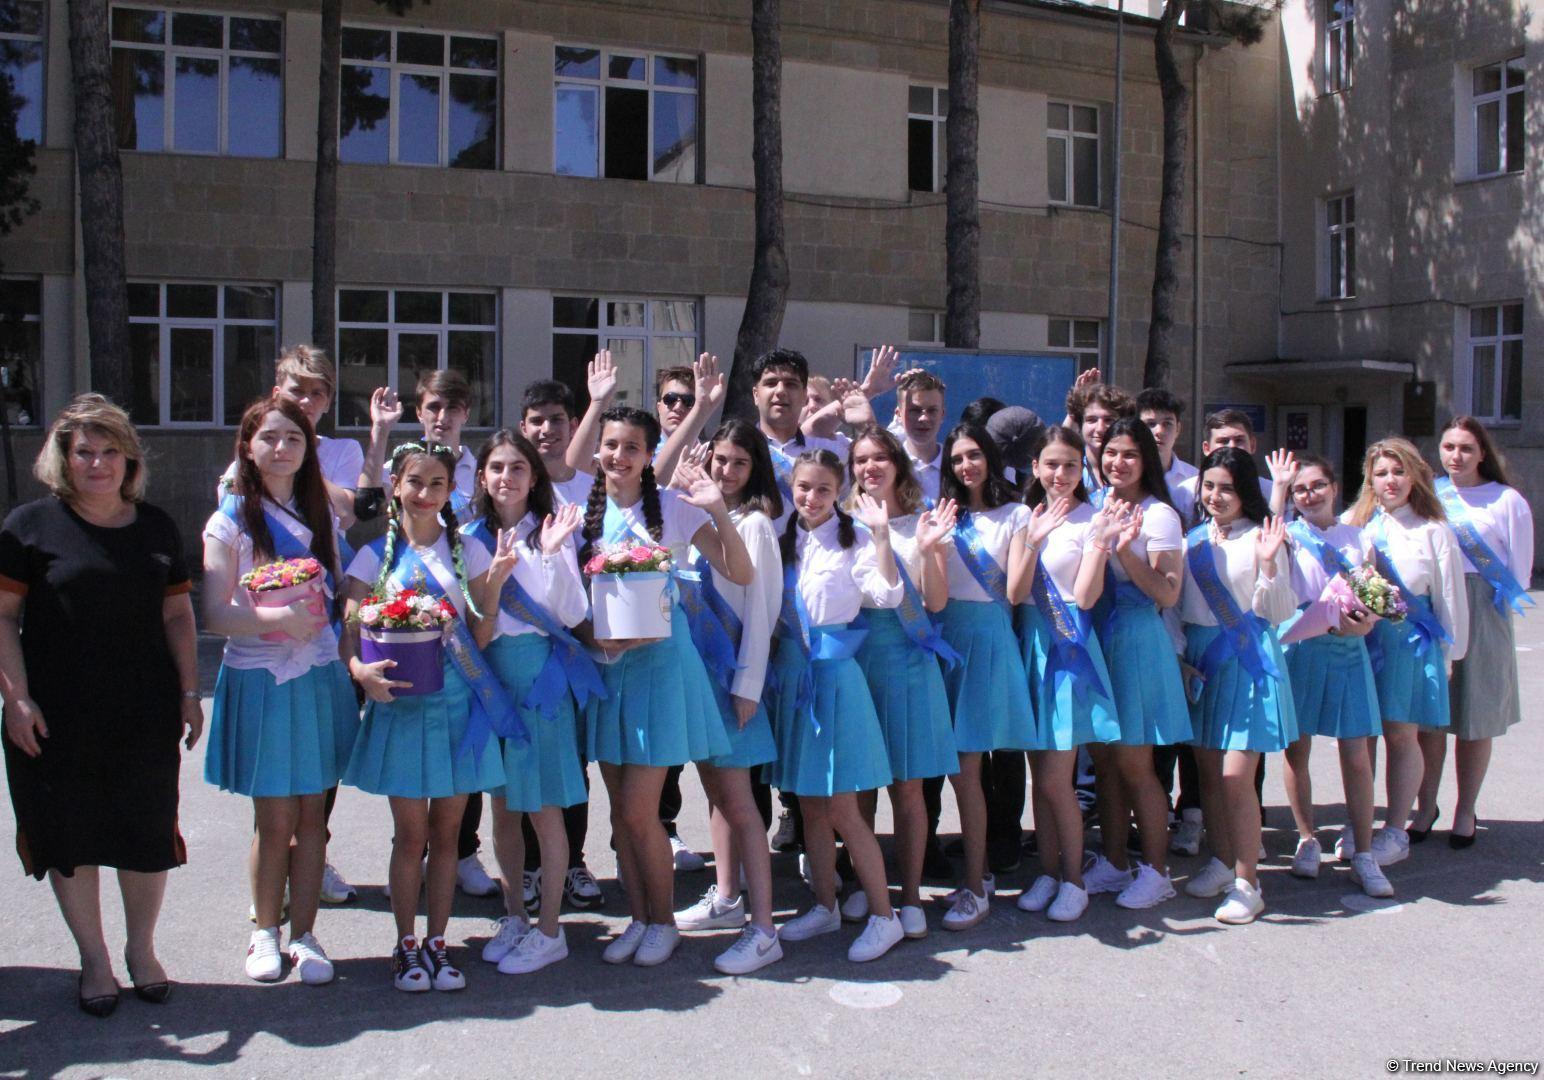 Прощай, школа! Здравствуй, новая жизнь! Спасибо учителям! (ФОТО)